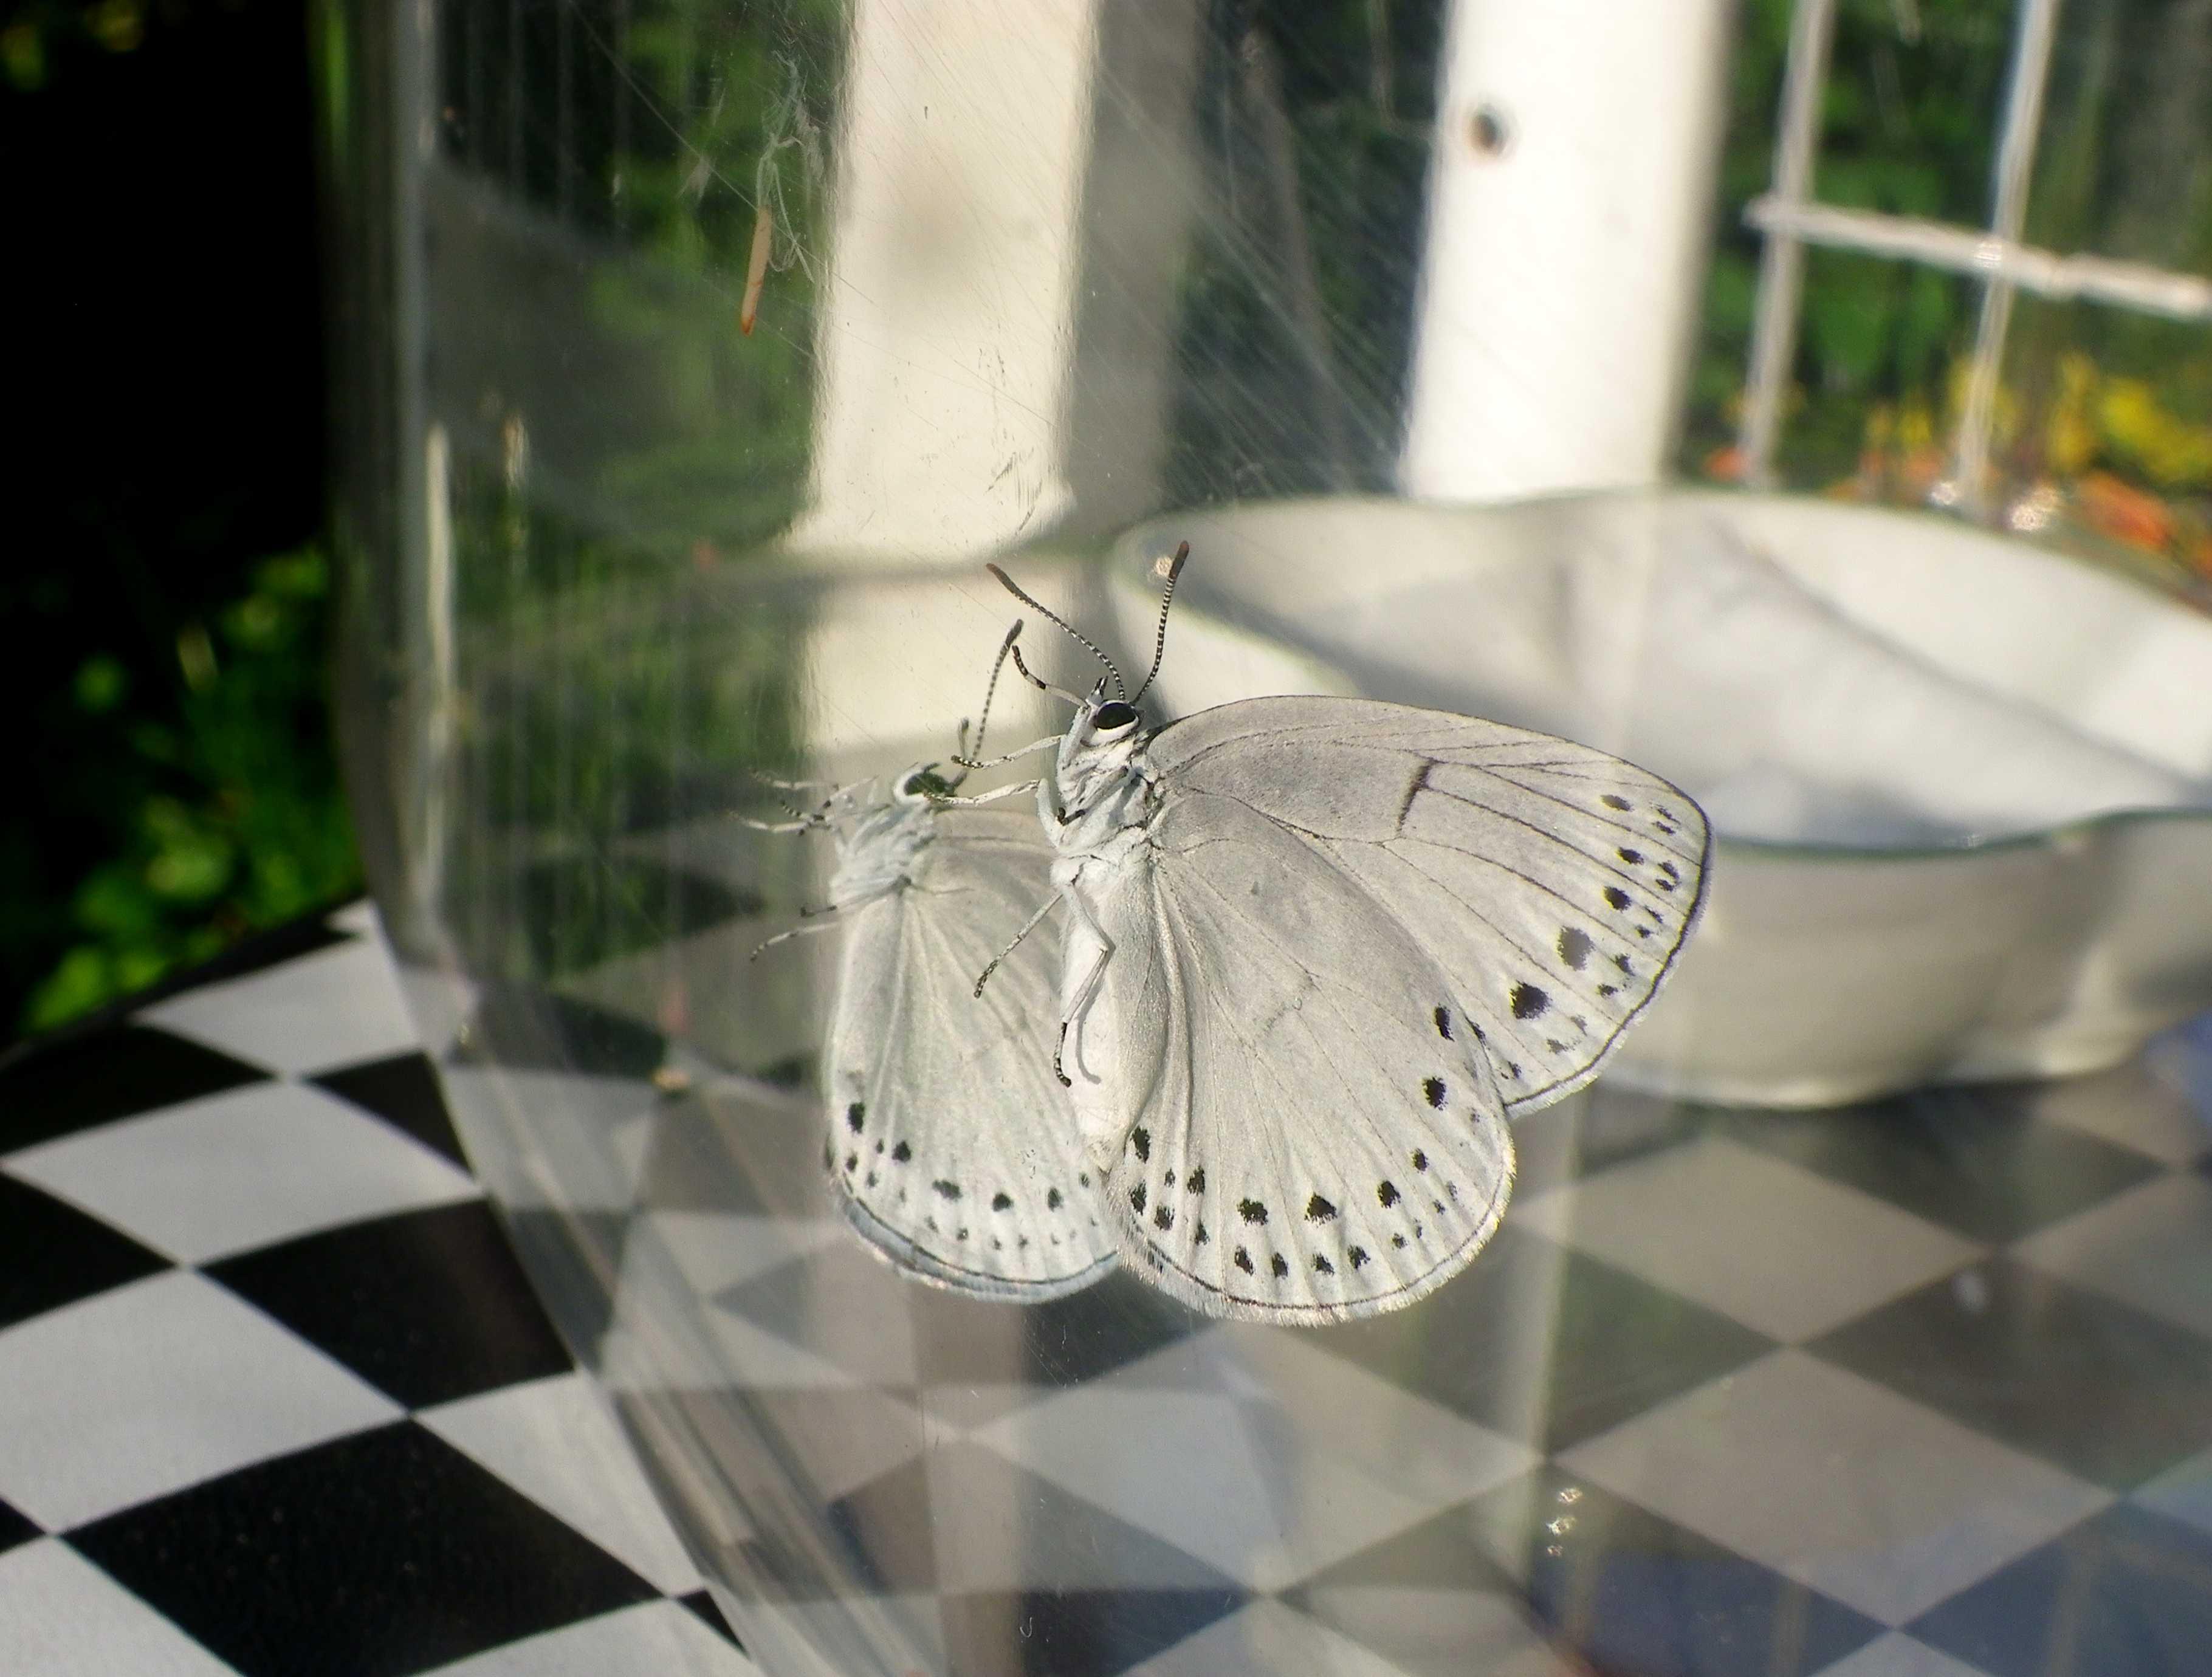 ウラゴマダラシジミの放蝶 5月13日_d0254540_1754379.jpg